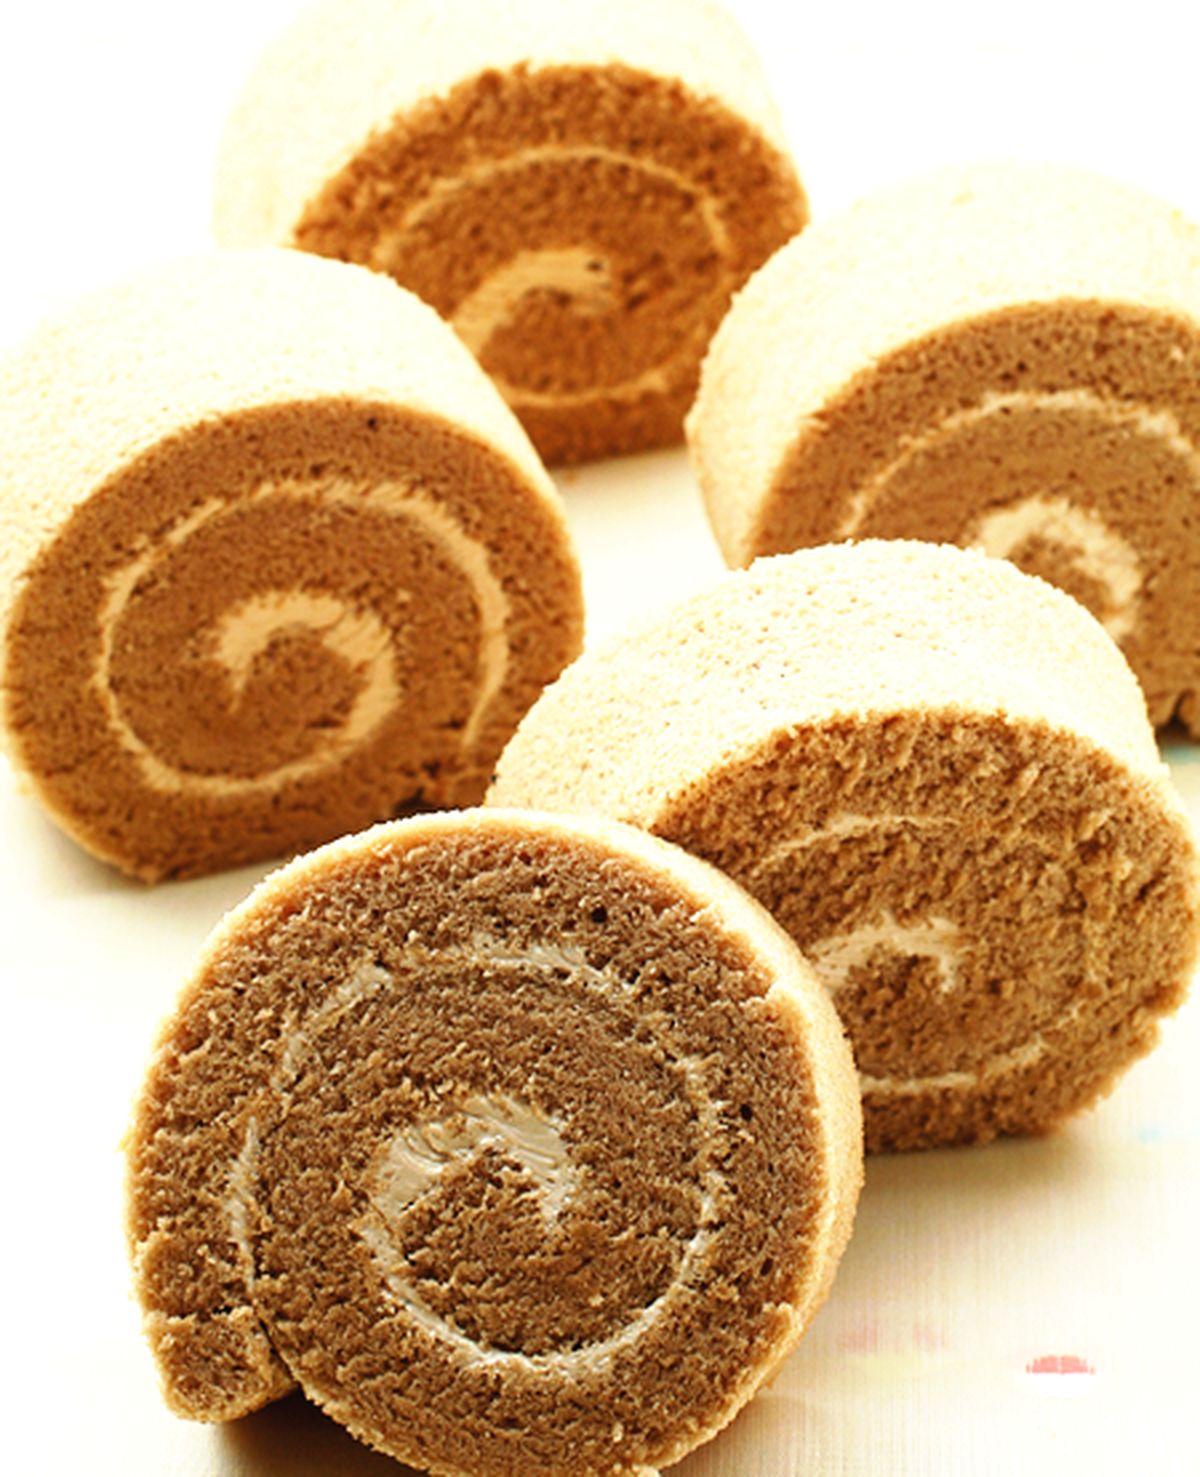 食譜:摩卡蛋糕卷